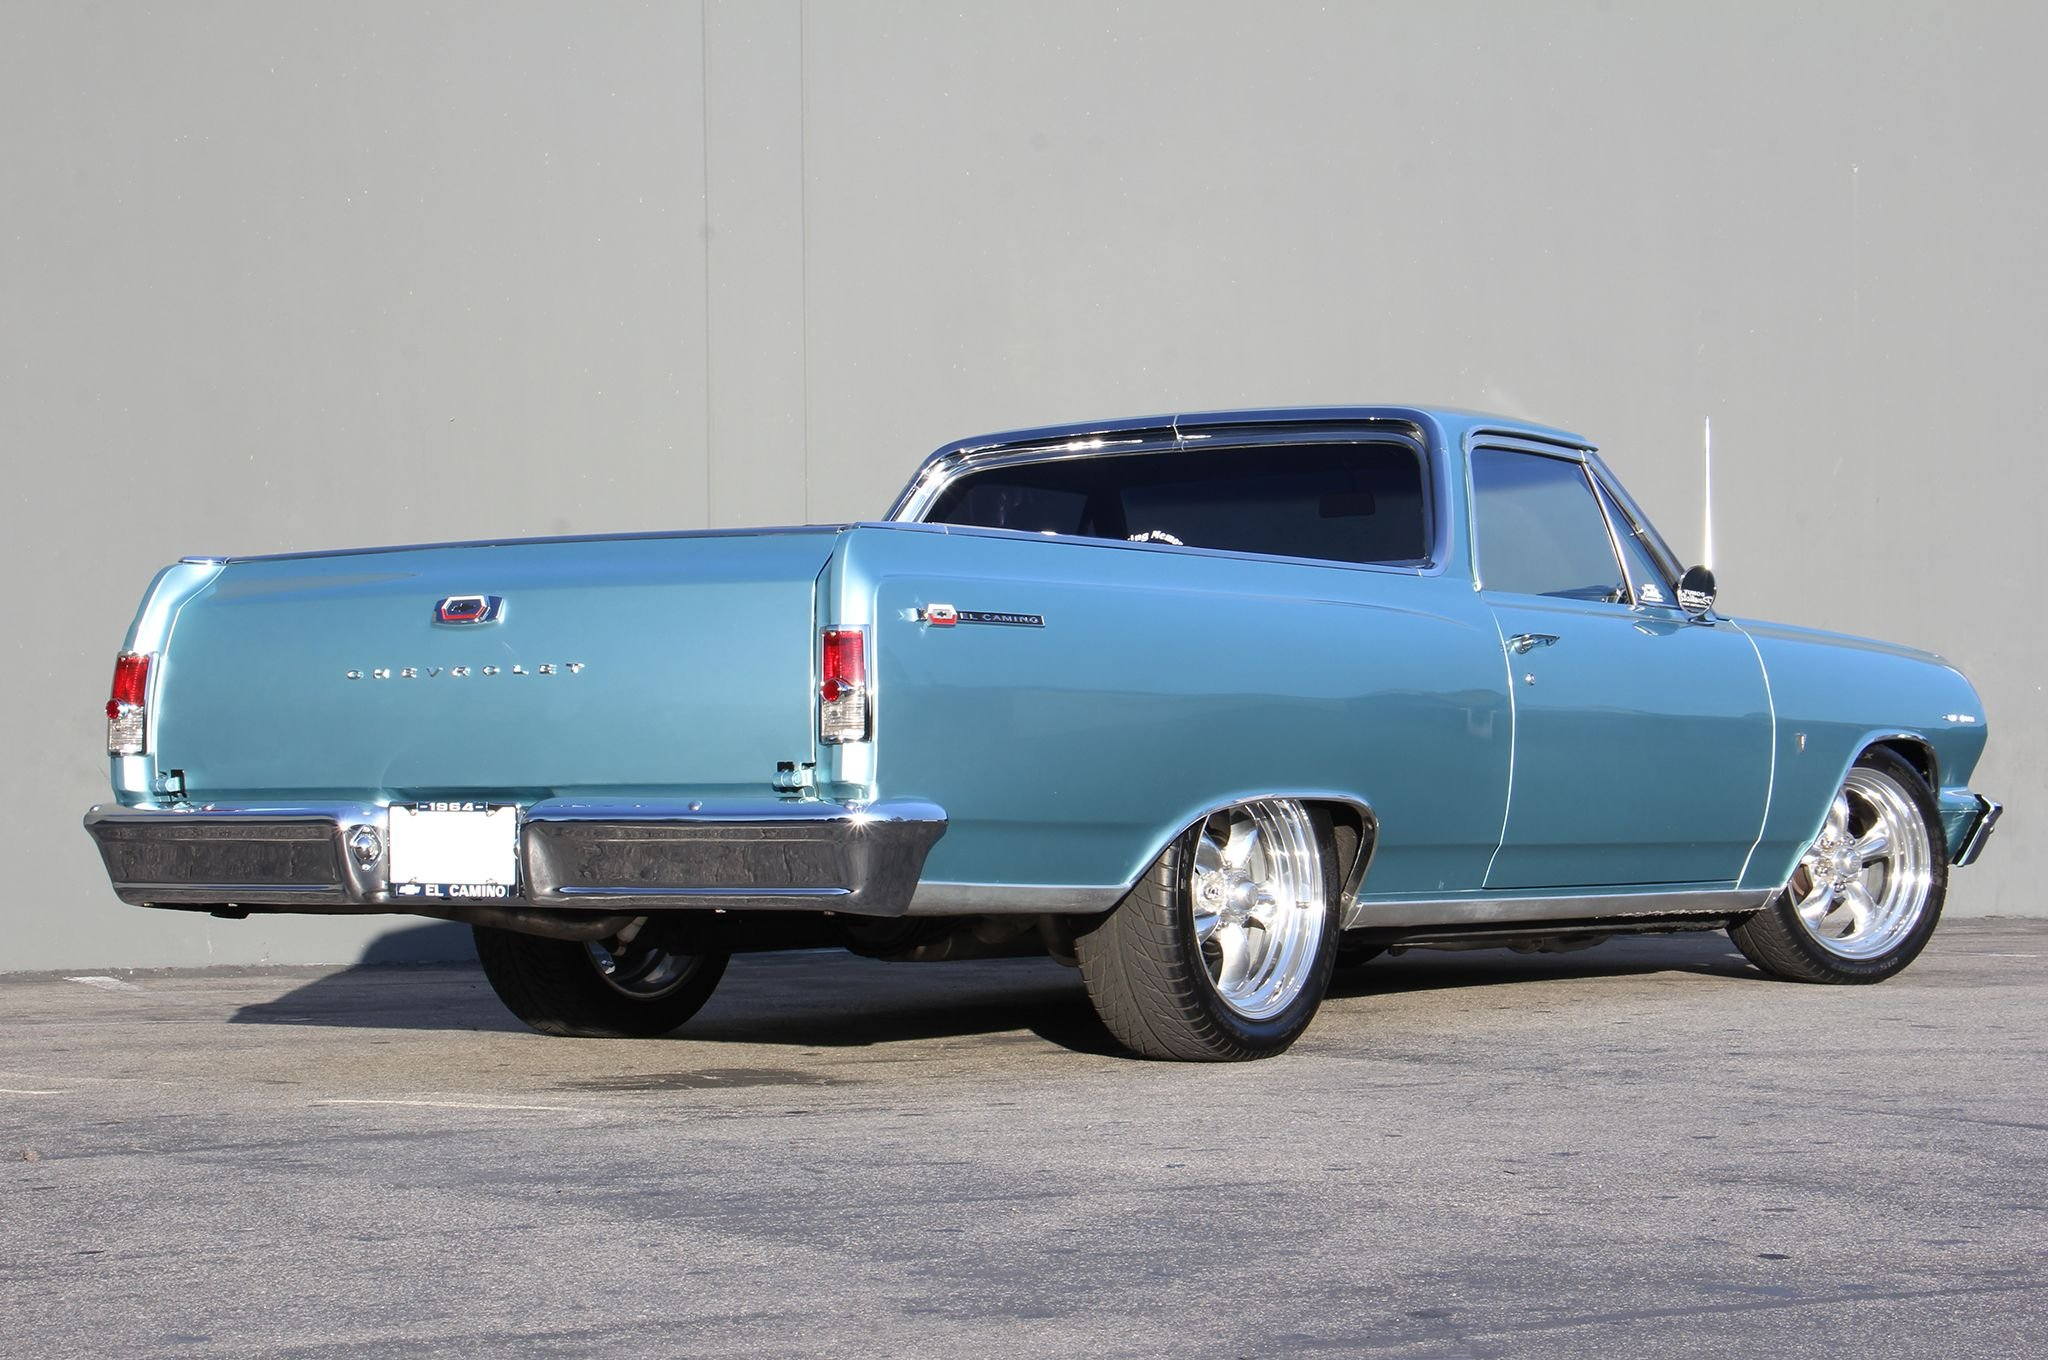 1964 Chevrolet Chevy El Camino Elcamino Street Machine